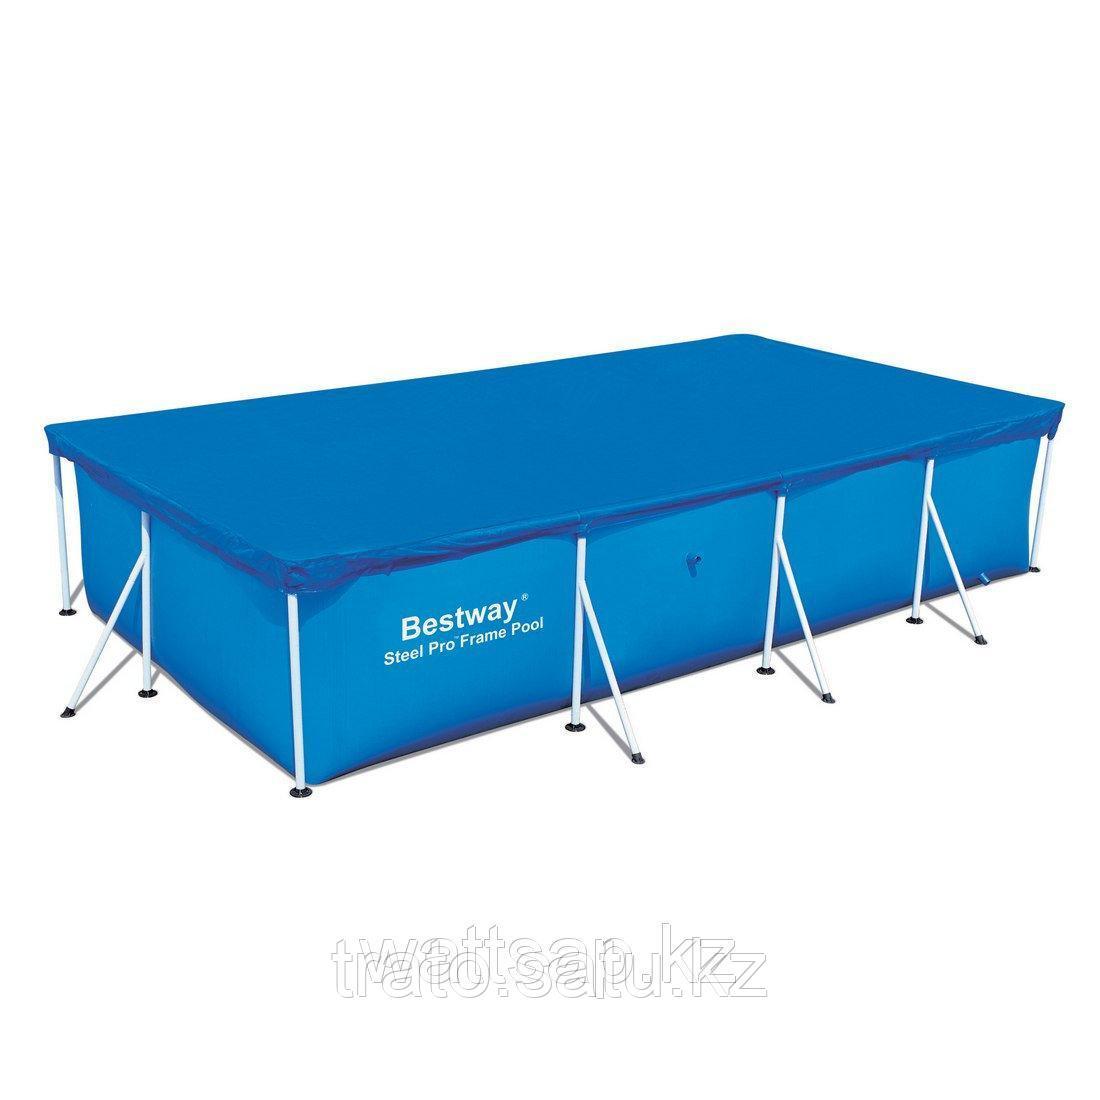 Чехол защитный для бассейна прямоугольного Bestway 400х211 см